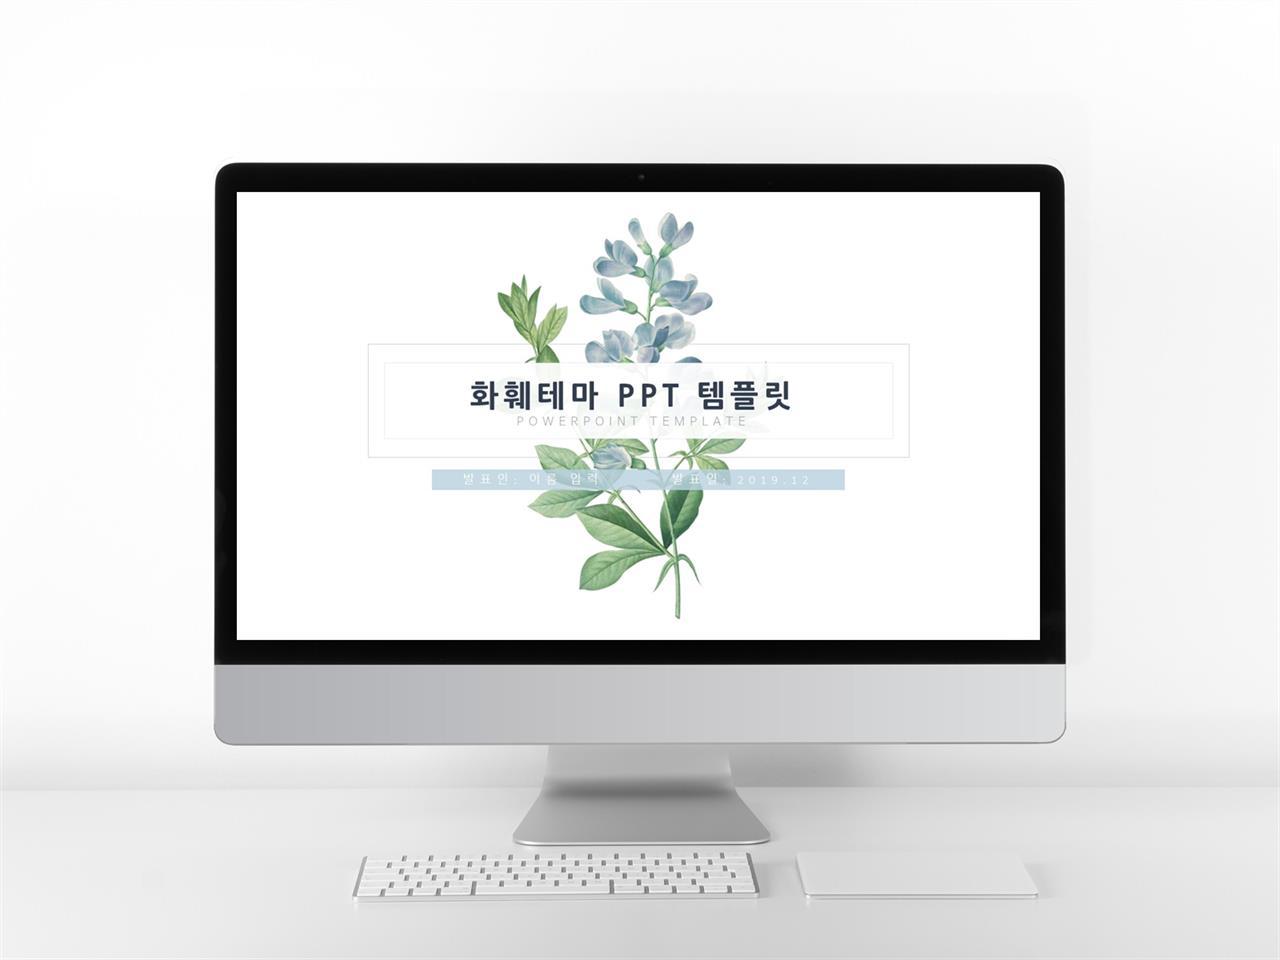 꽃과 동식물 주제 그린색 단정한 맞춤형 PPT테마 다운로드 미리보기